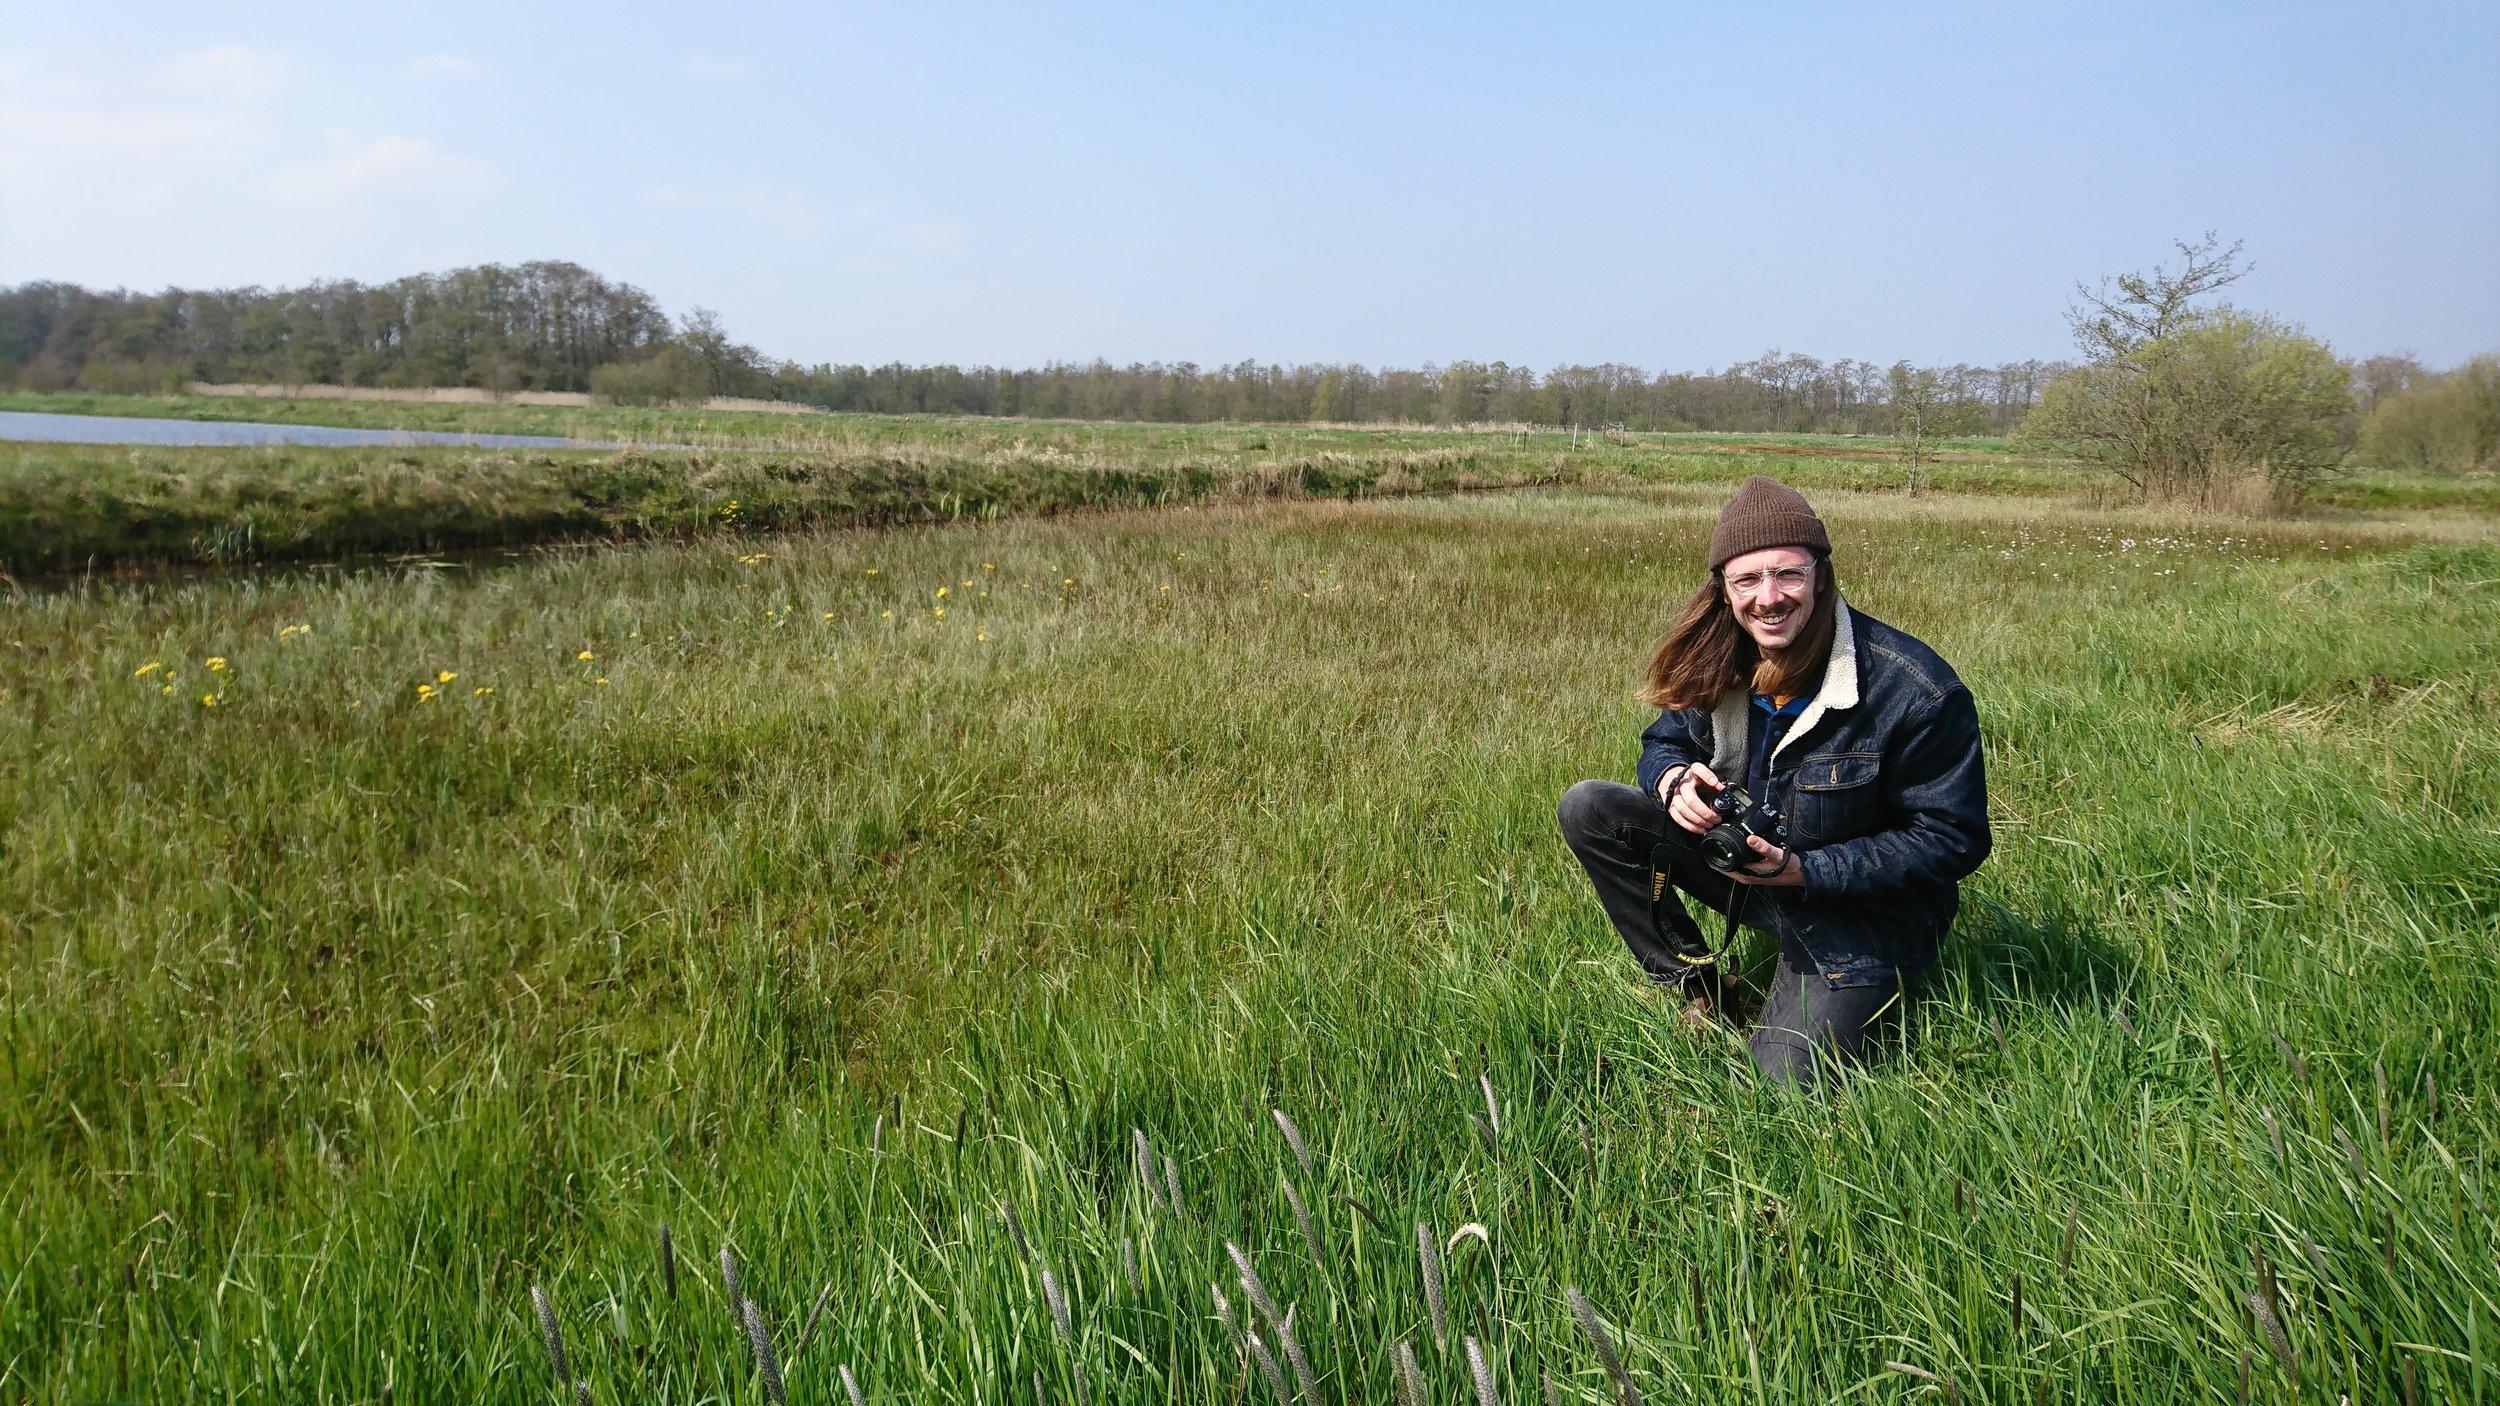 Marijn Filius - Marijn studeert Bos- en Natuurbeheer aan Van Hall Larenstein te Velp. Voor zijn stage is hij bezig met een vlakdekkende vegetatiekartering bij een herstelproject in de Westbroekse Zodden. Staatsbosbeheer heeft hier herstelmaatregelen uitgevoerd om de ontwikkeling van het habitattype blauwgrasland te stimuleren. Om in kaart te brengen of de herstelmaatregelen werken gaat Marijn in het veld aan de slag om de actuele situatie vast te leggen. Naast het maken van de vegetatiekaart zal hij ook alle gegevens in een rapportage vastleggen inclusief een concreet beheeradvies.